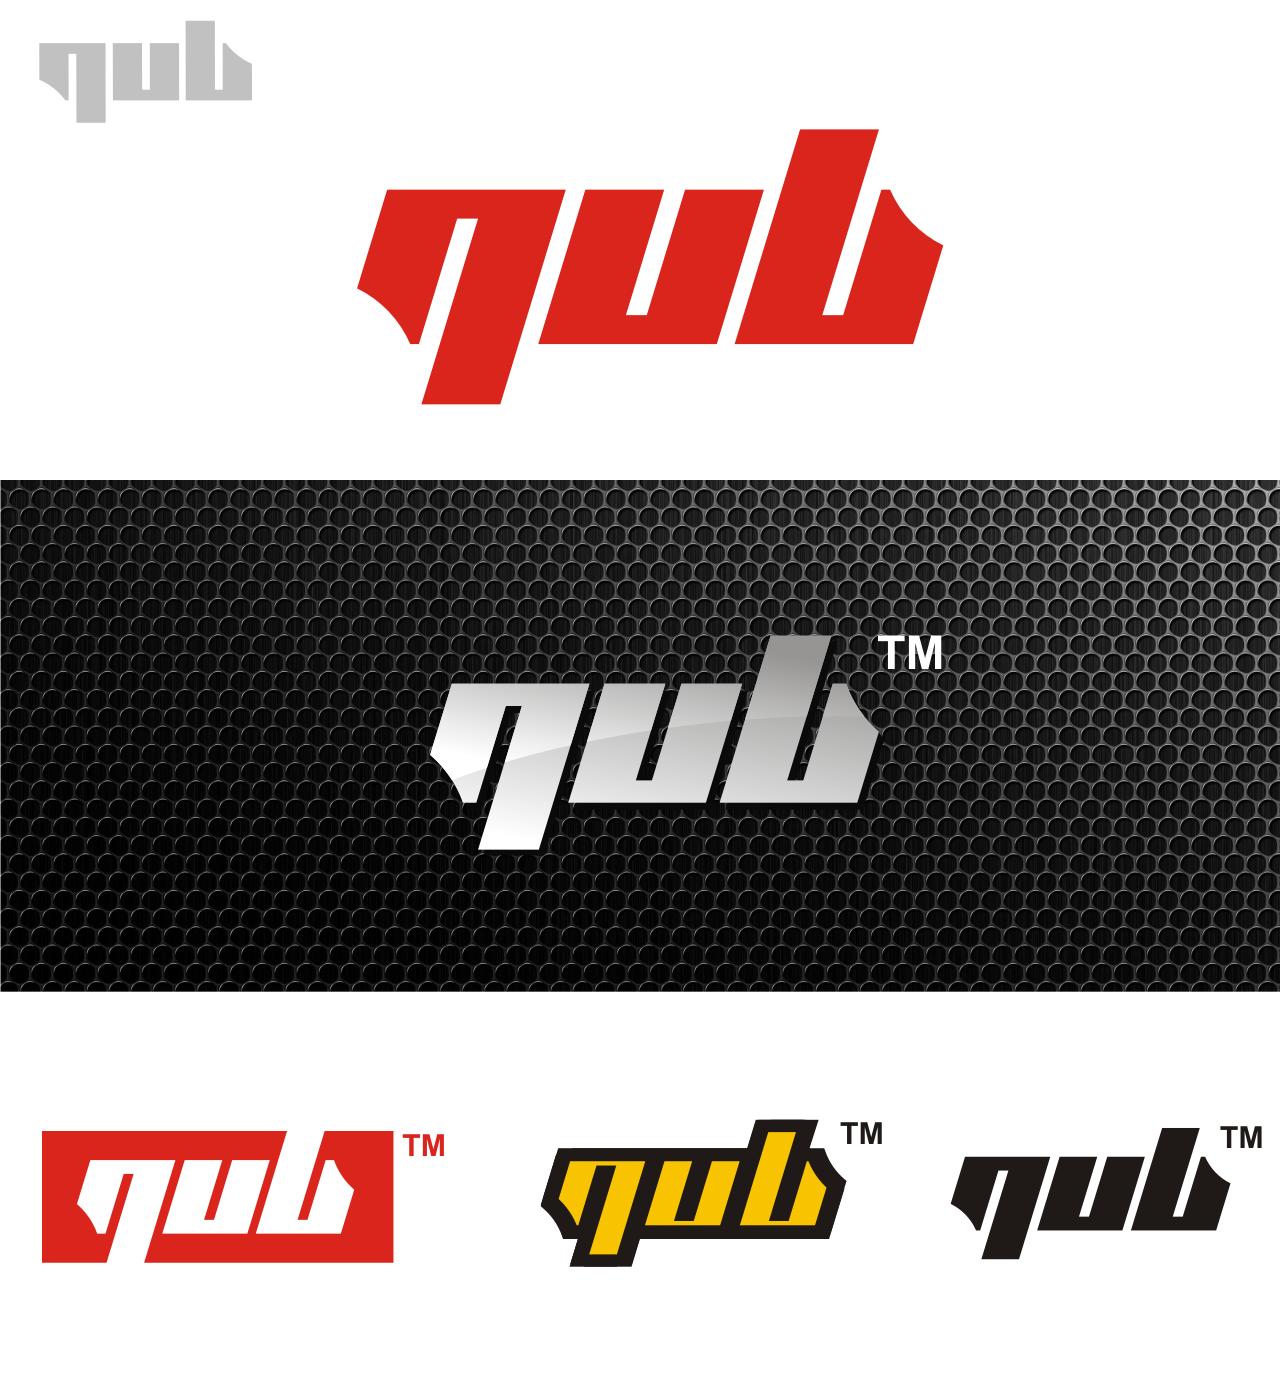 Разработка логотипа и фирменного стиля для ТМ фото f_6295f2dbe800a666.png